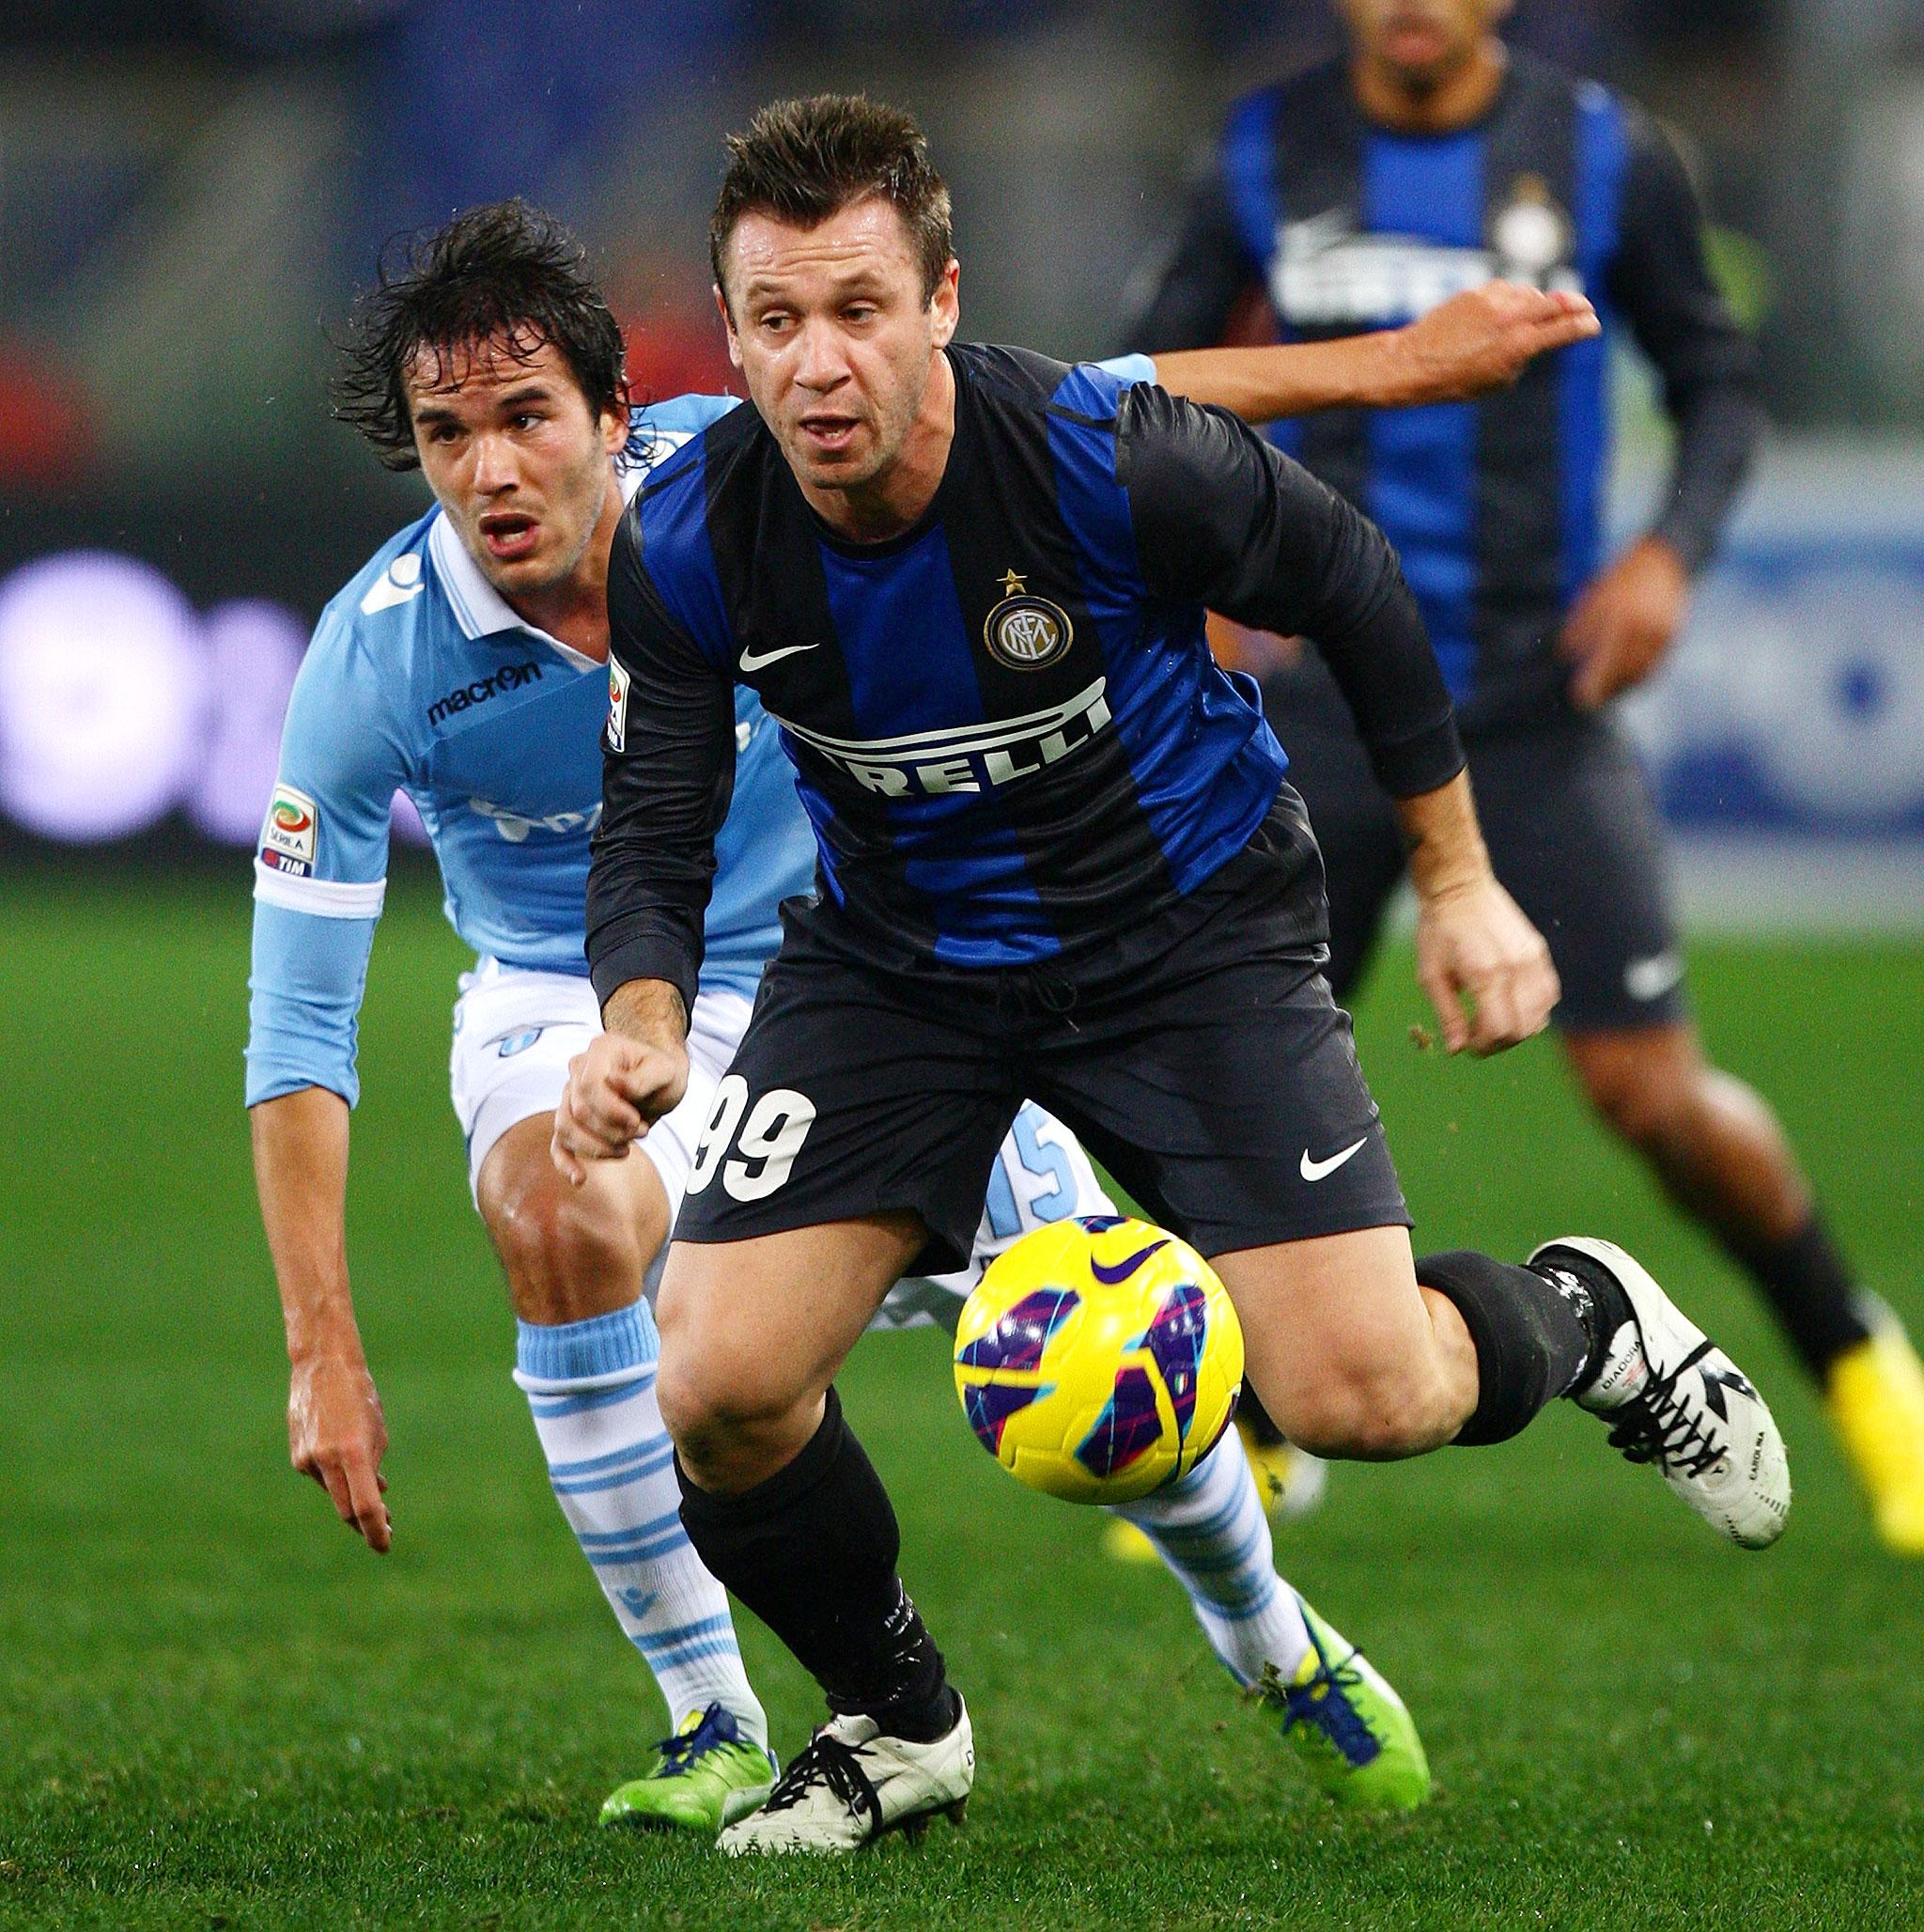 Alvaro Gonzalez and Antonio Cassano